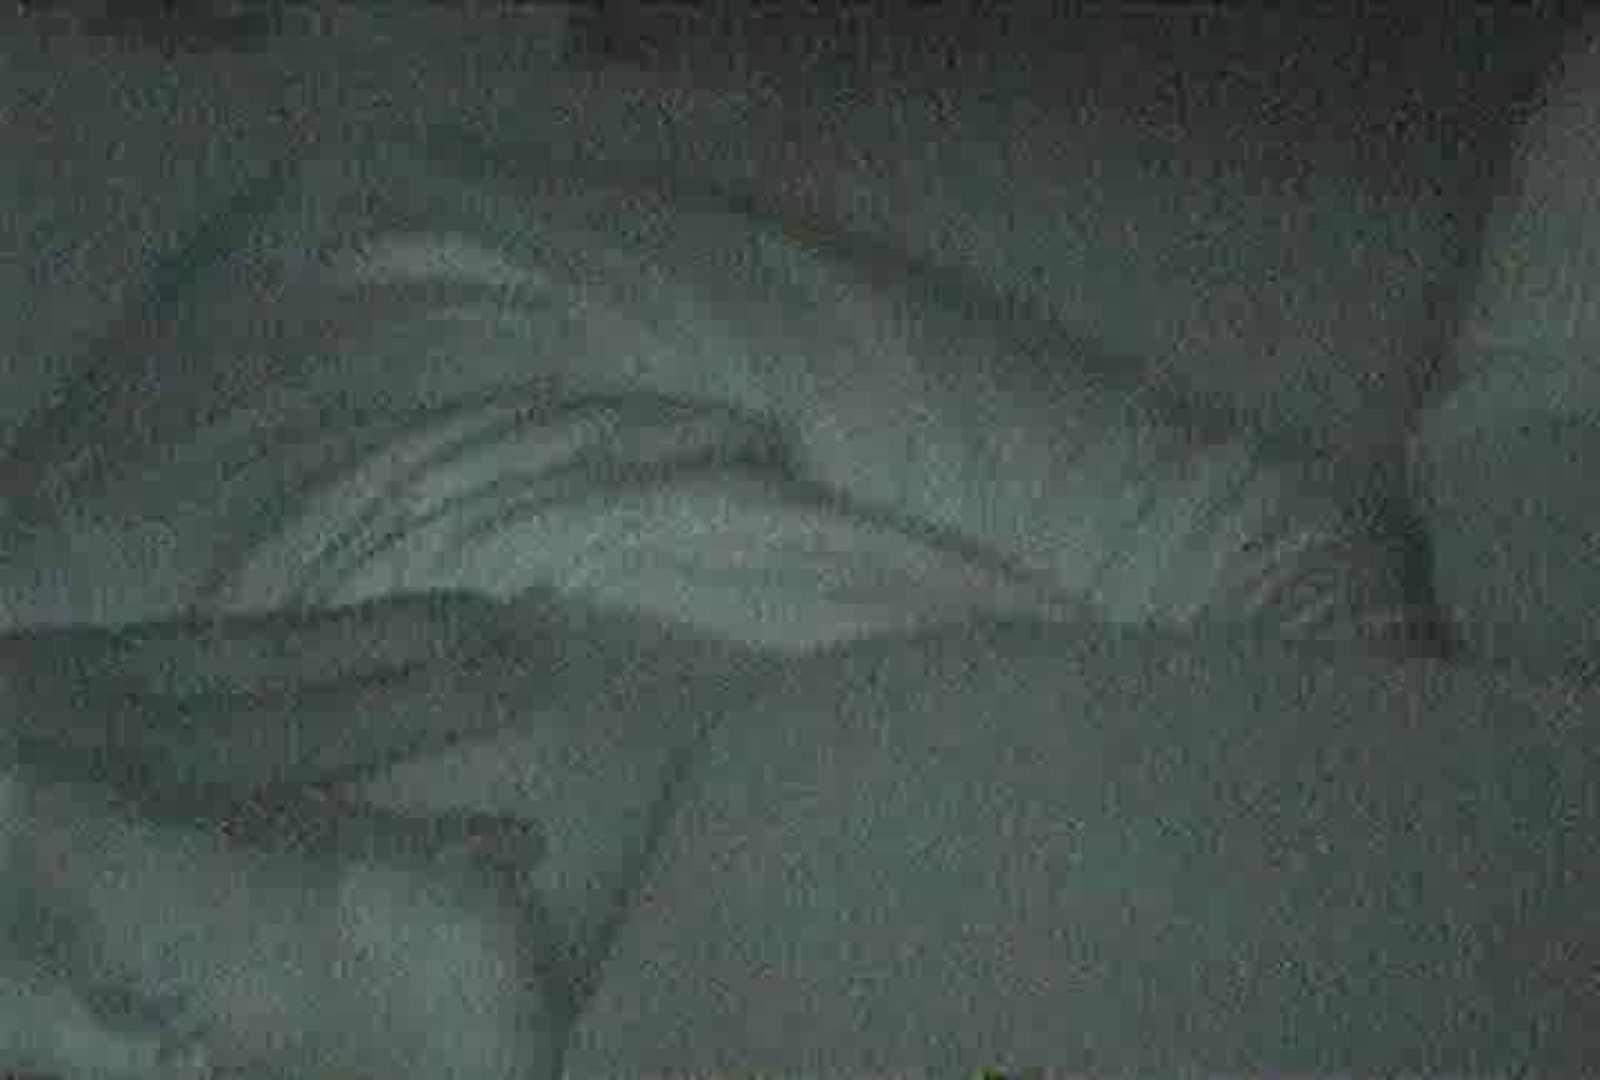 充血監督の深夜の運動会Vol.86 エロティックなOL  98画像 96